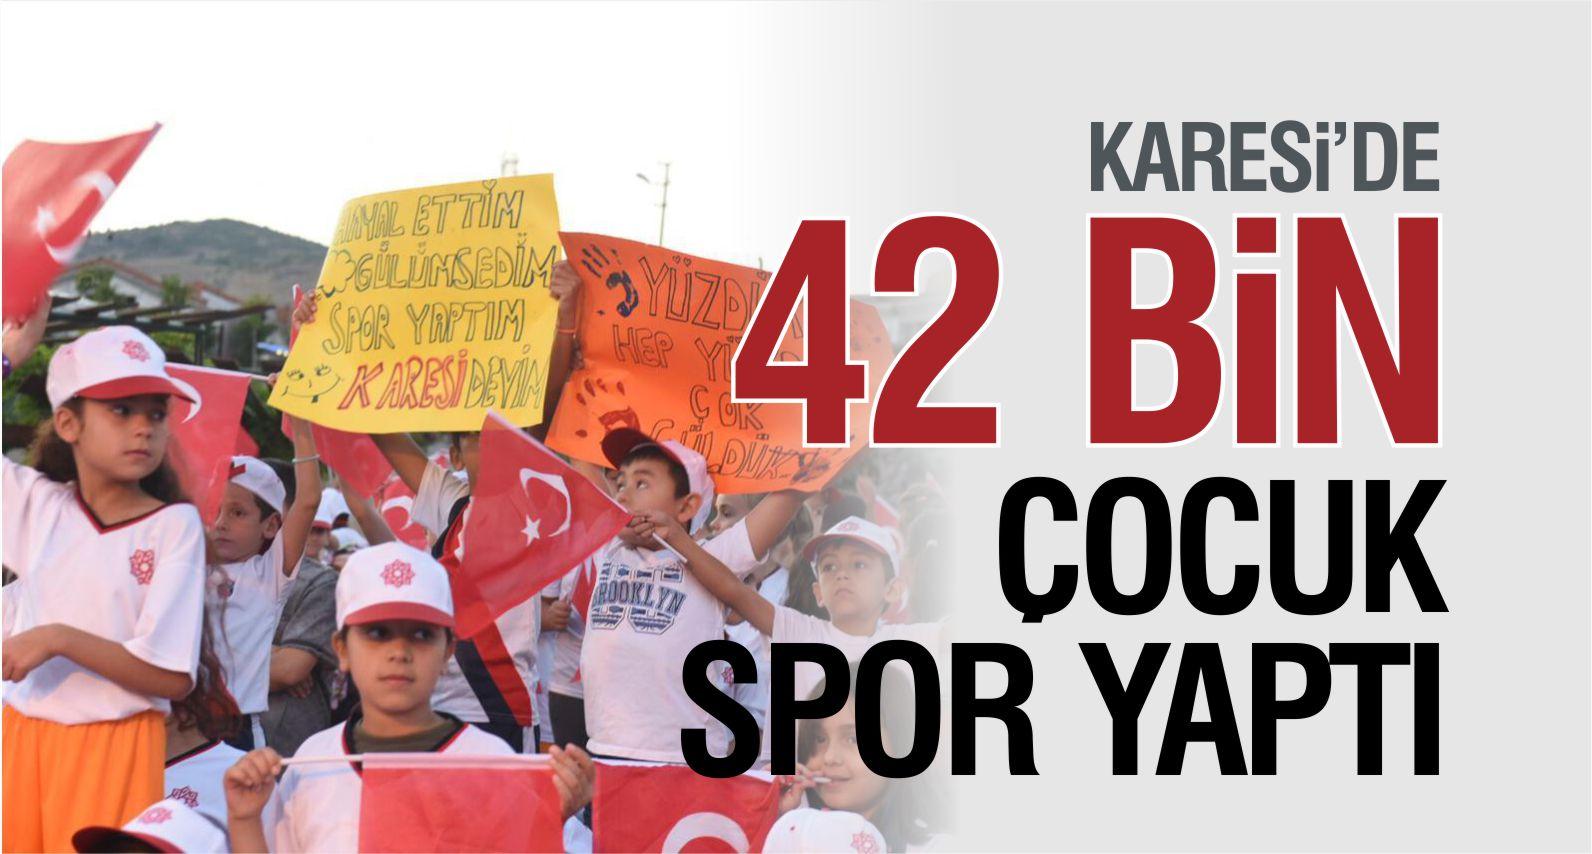 KARESİ'DE 42 BİN ÇOCUK SPOR EĞİTİMİ ALDI